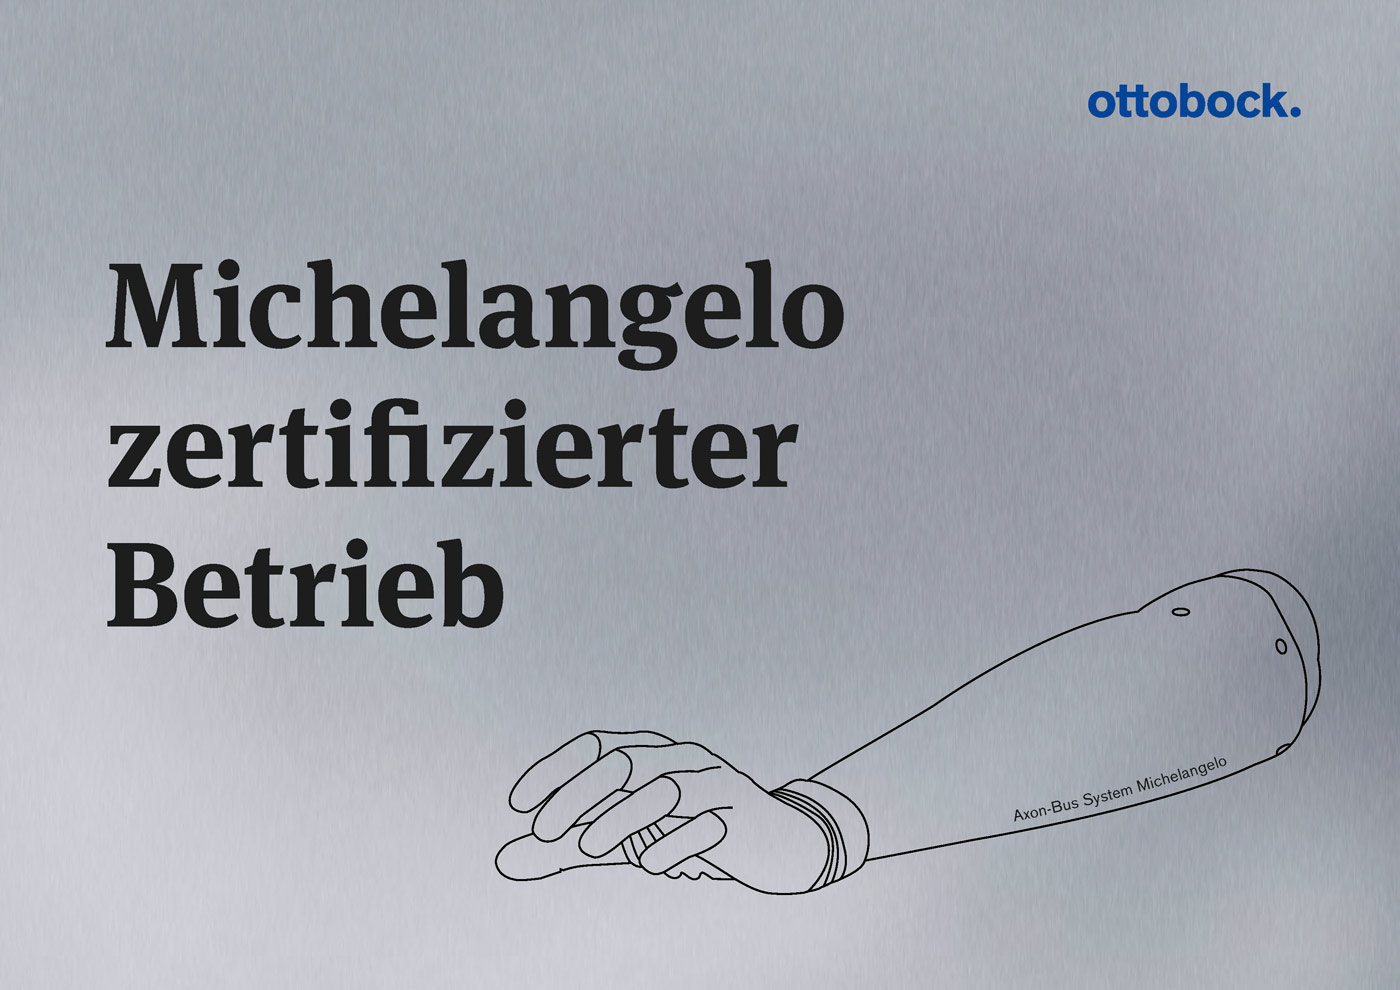 Zertifikat Ottobock Michelangelo